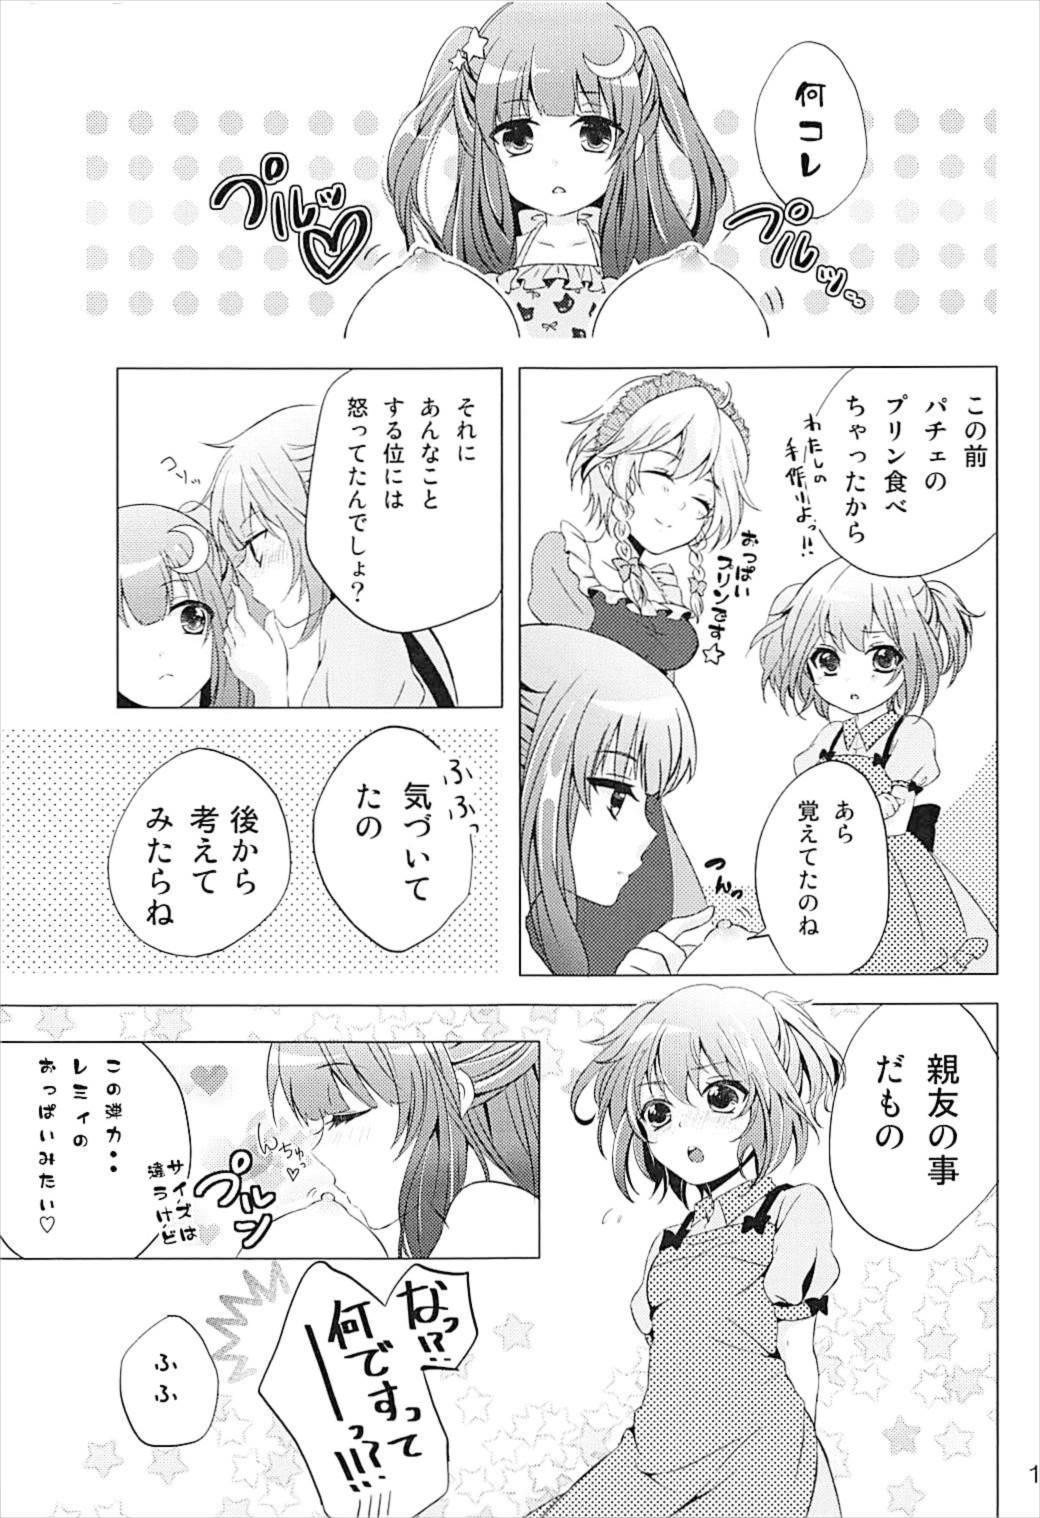 Toumei Ningen ni Natta no de, Itazura Shi ni Iku Hanashi. 17